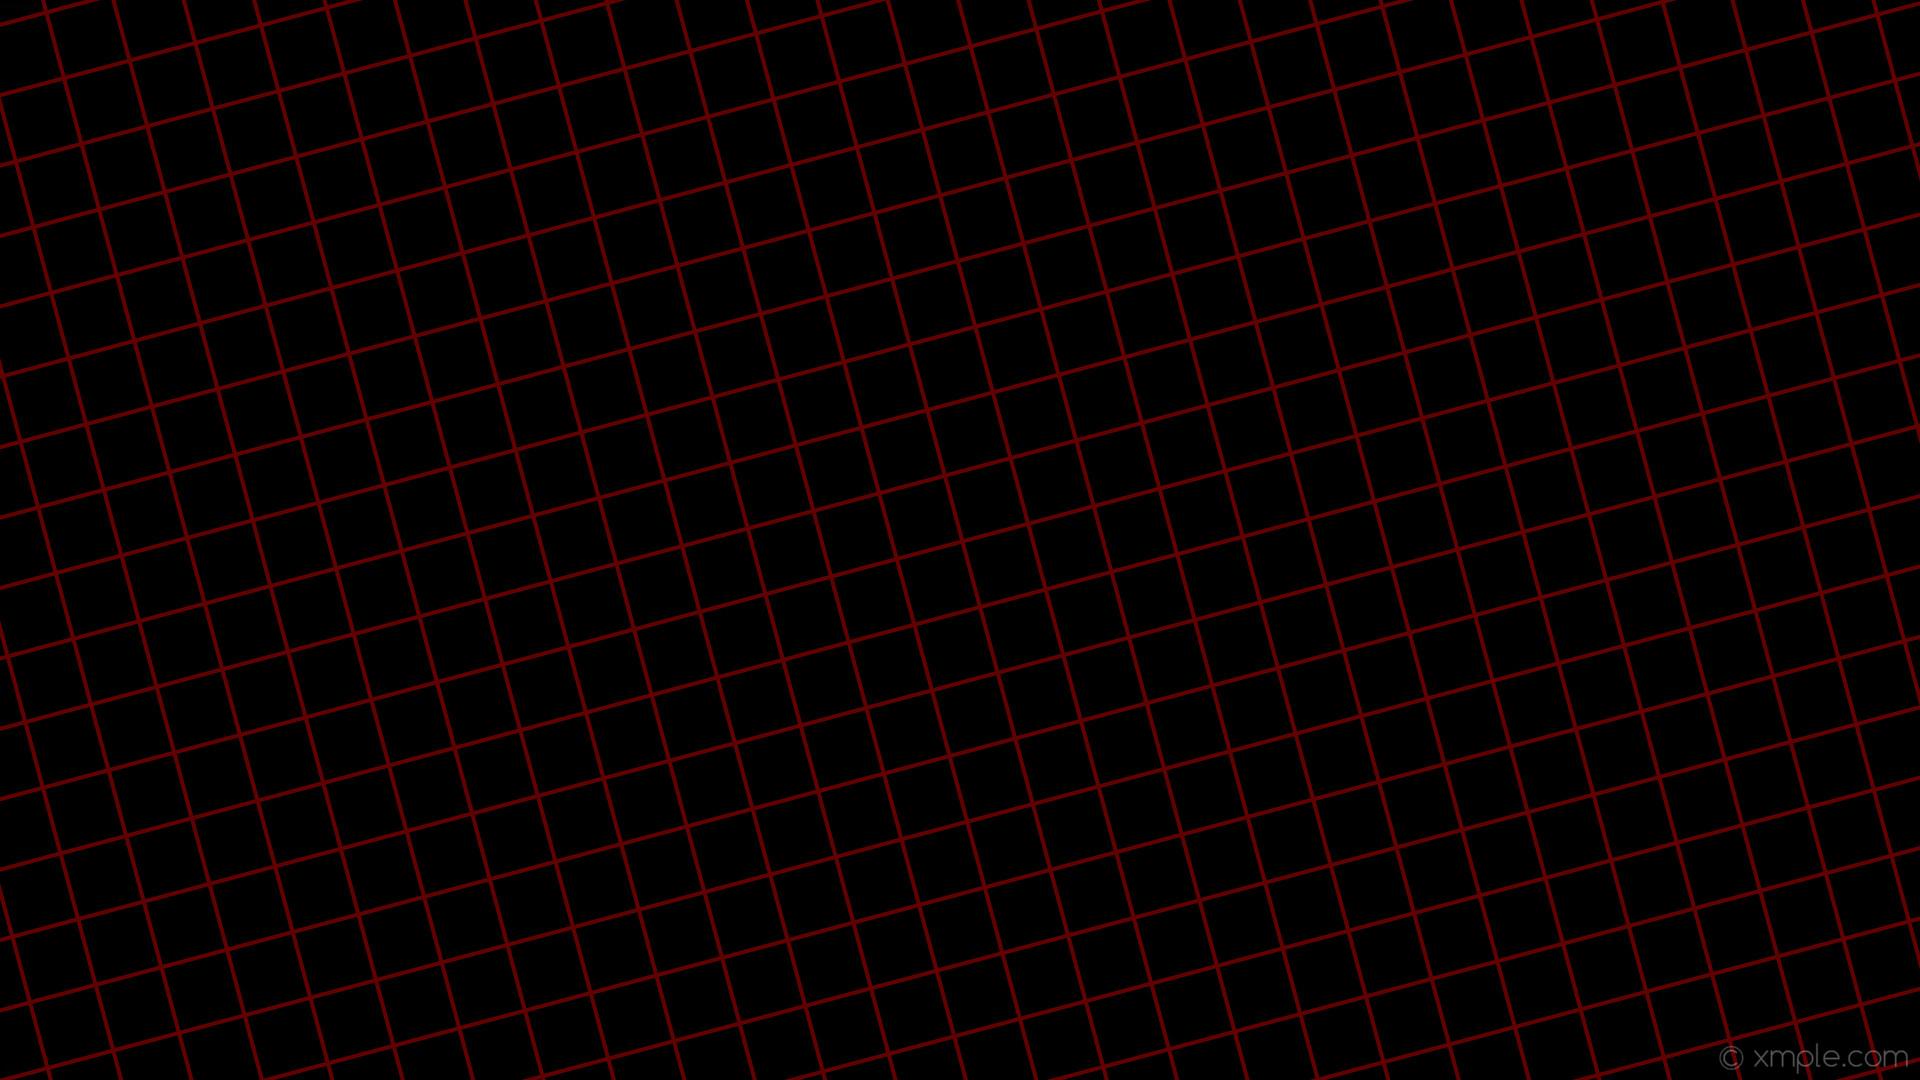 Black Grid Wallpaper 75 images